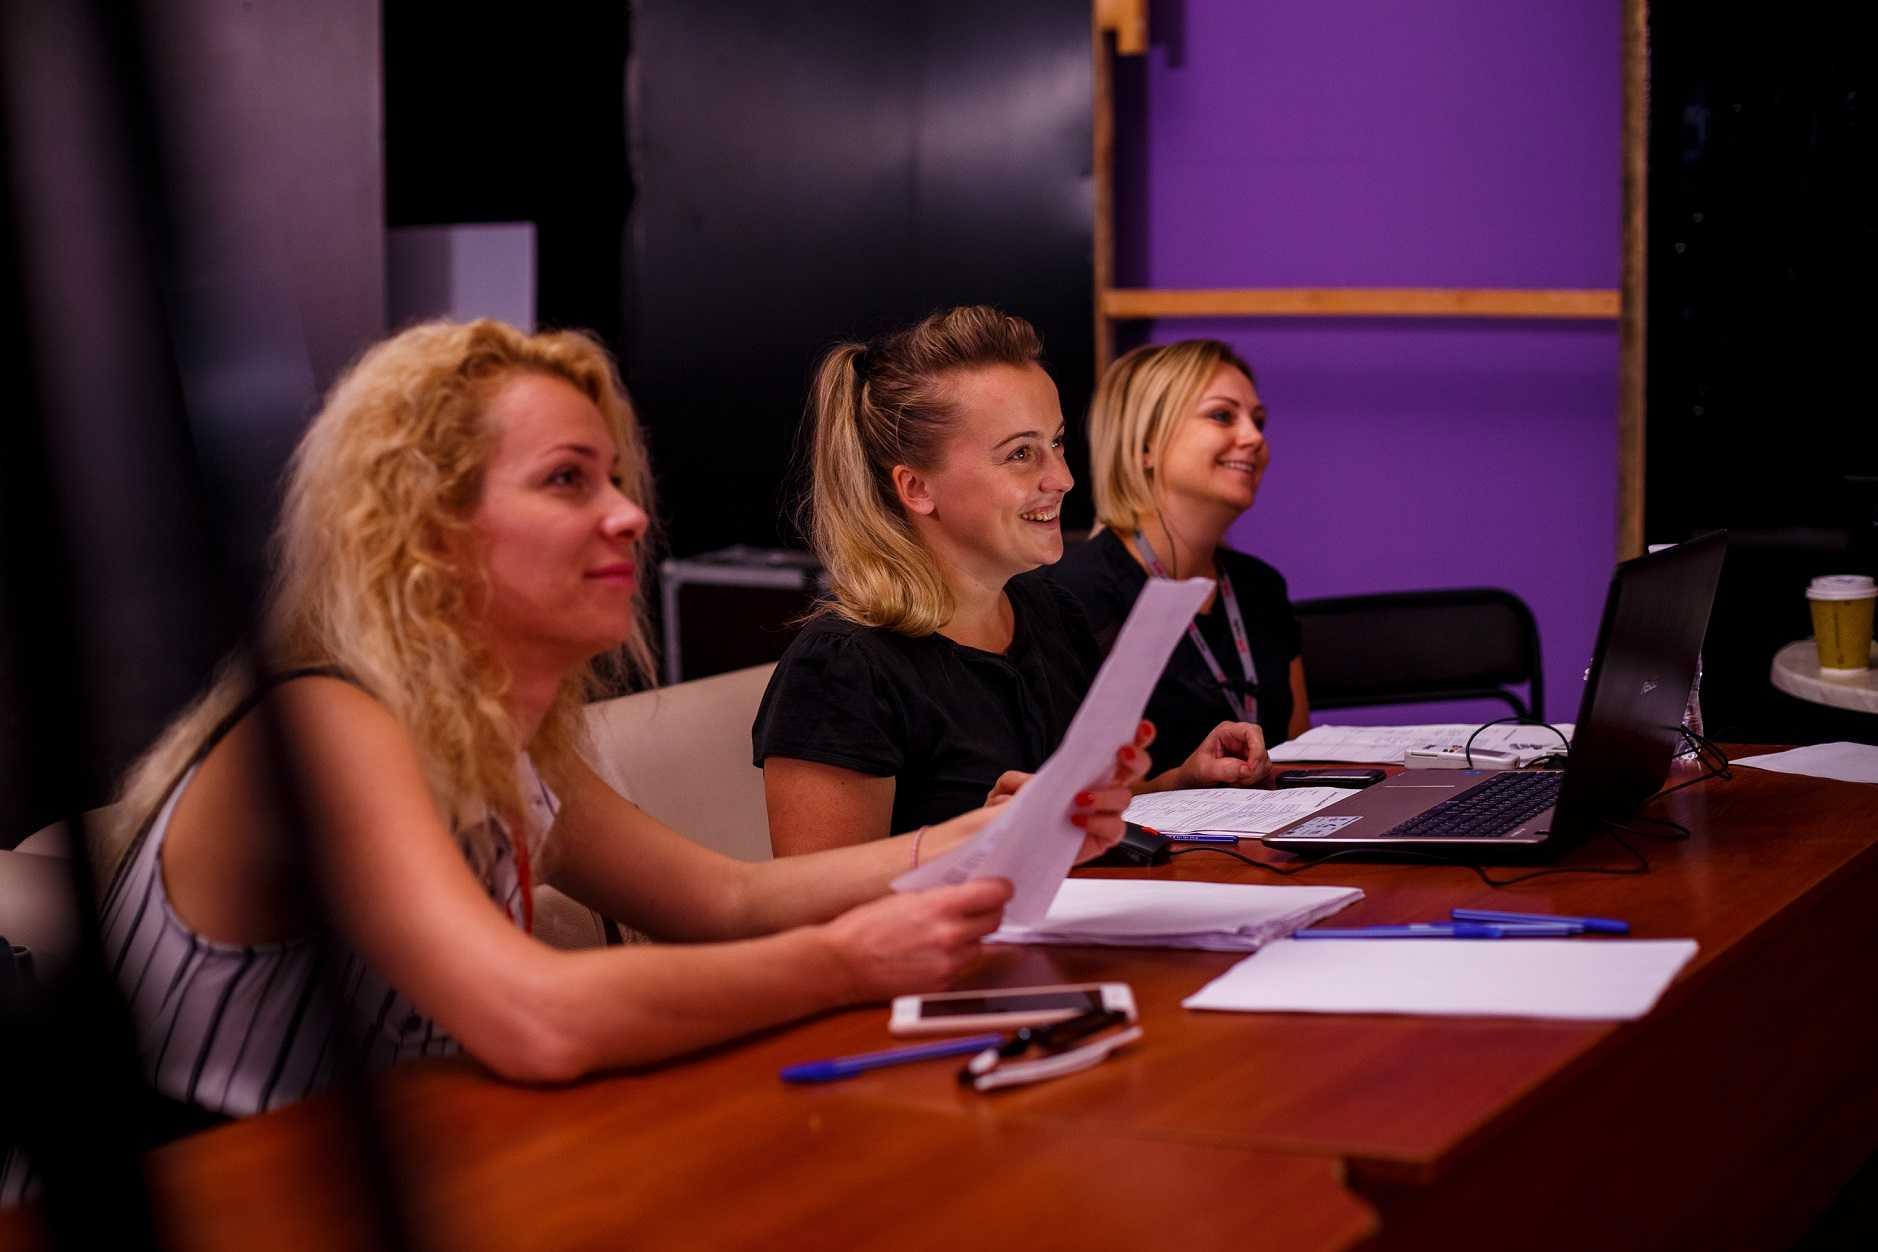 «Голос. Діти» объявлены даты финальных кастингов в Киеве 4